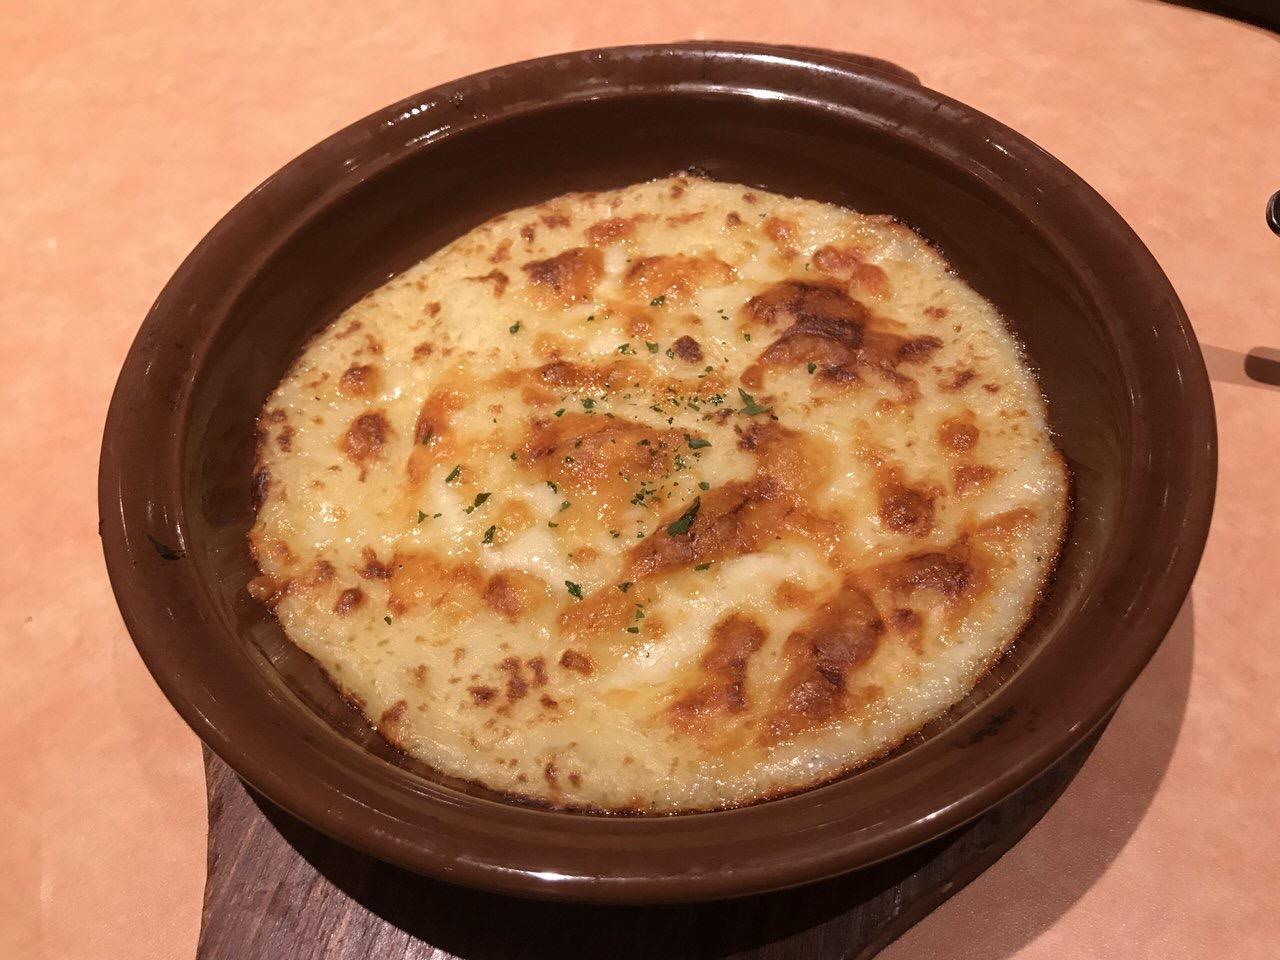 【サイゼリヤ】イタリア北部フリウリ地方の郷土料理「フリウリ風フリコ」がメニューに登場